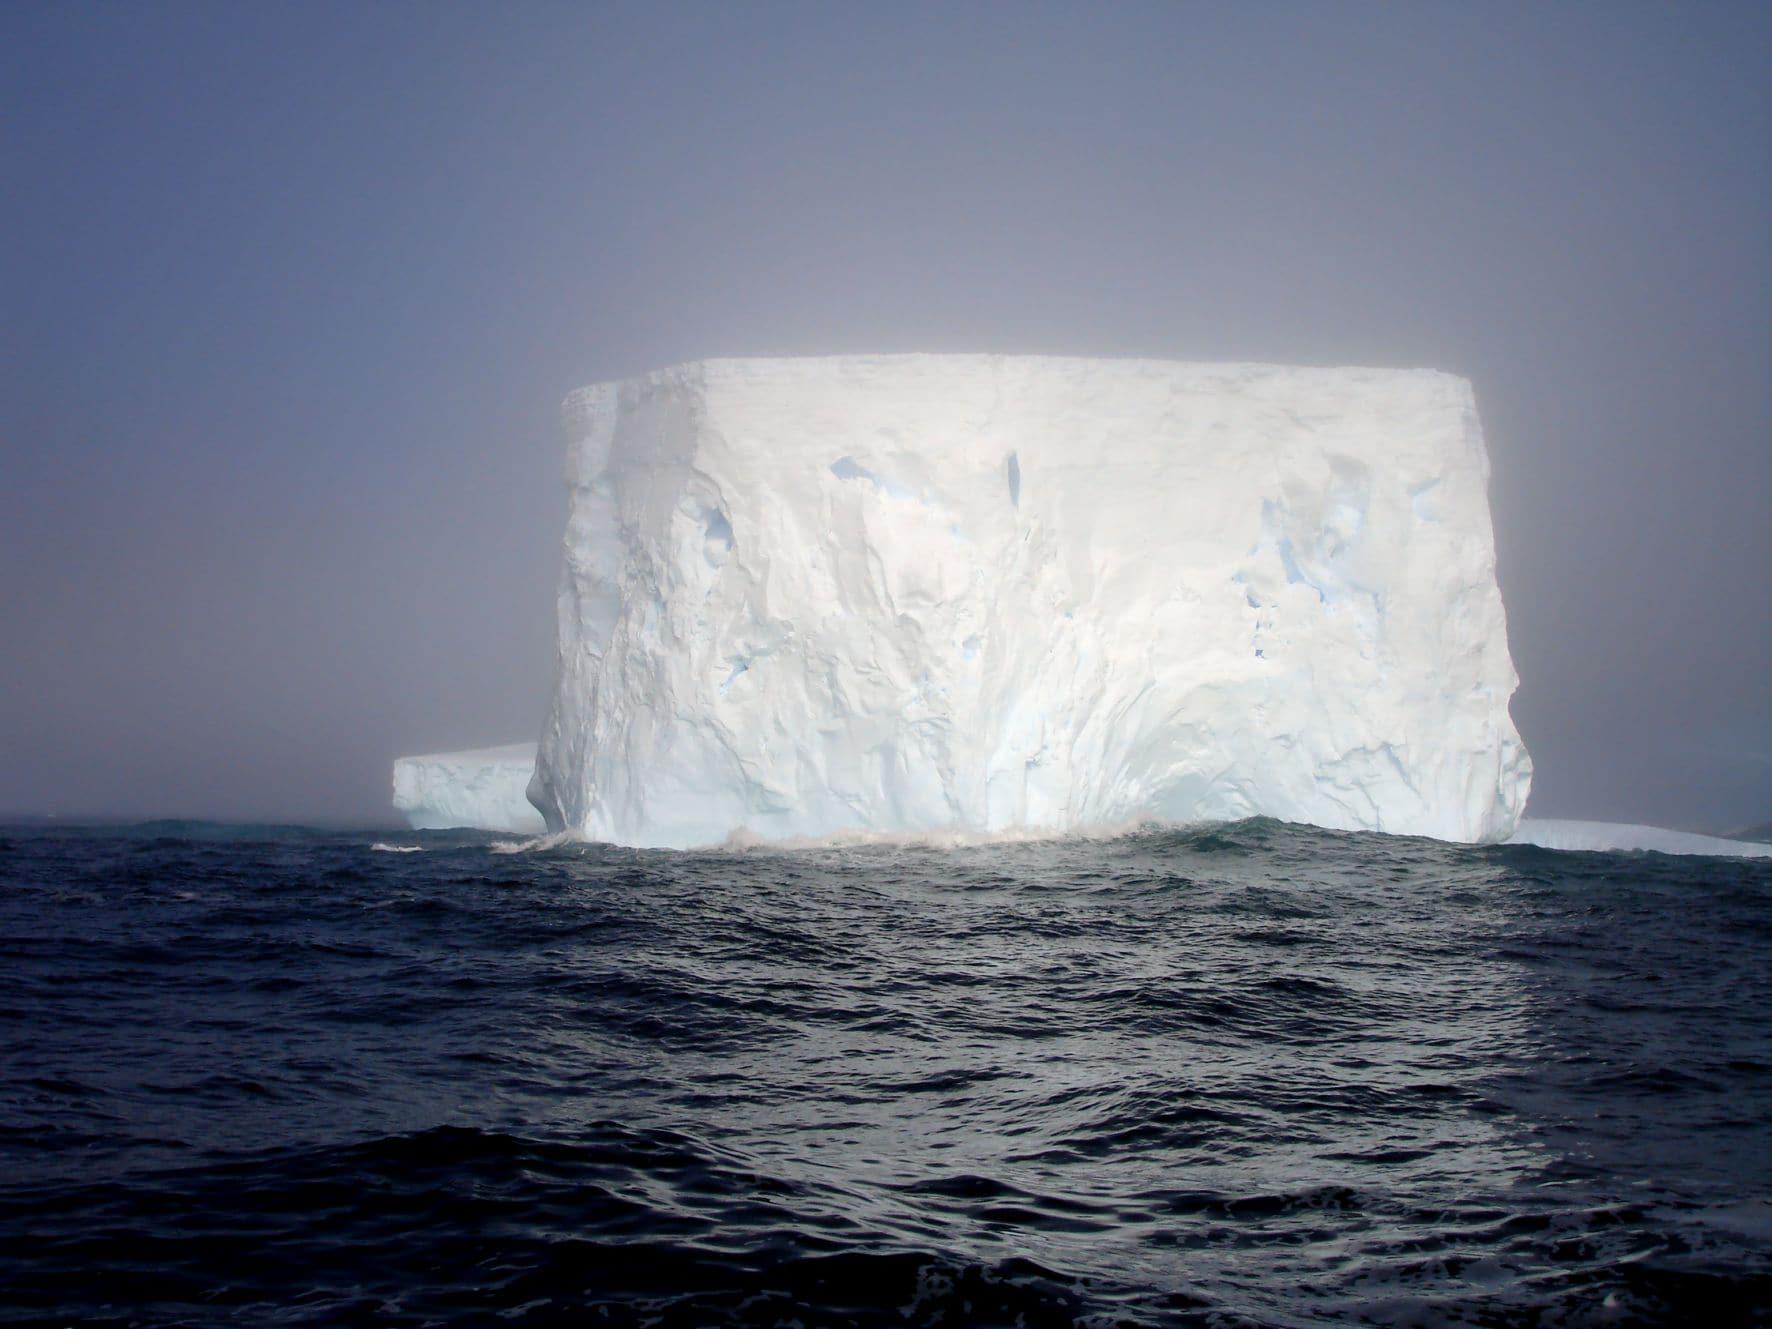 los 5 lugares más impresionantes del mundo por sebas alvaro: antártida